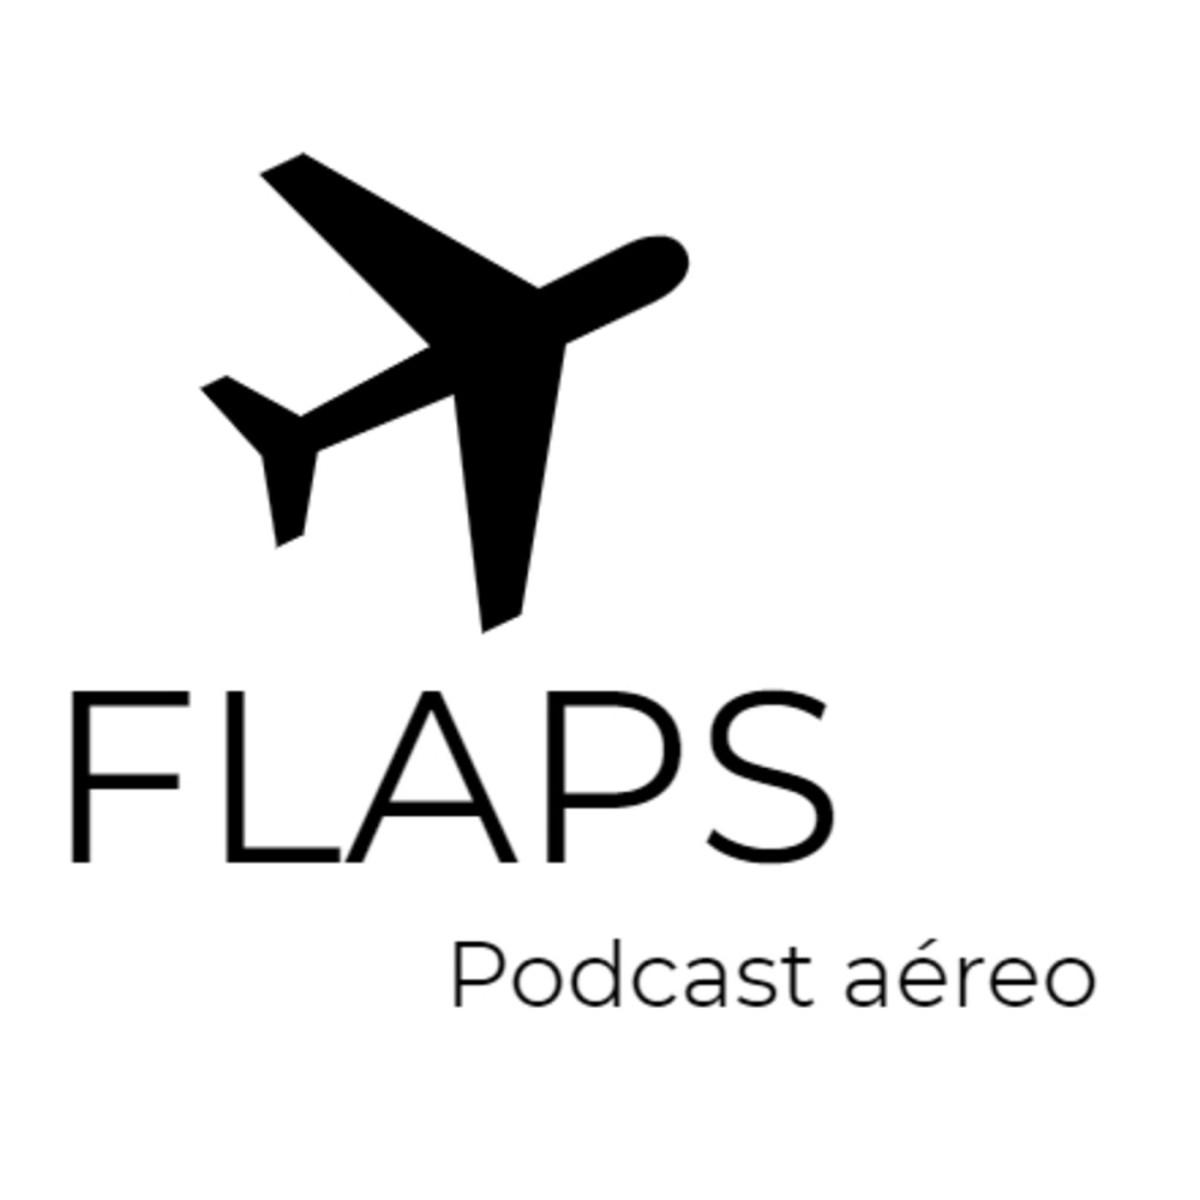 Flaps - Podcast aéreo